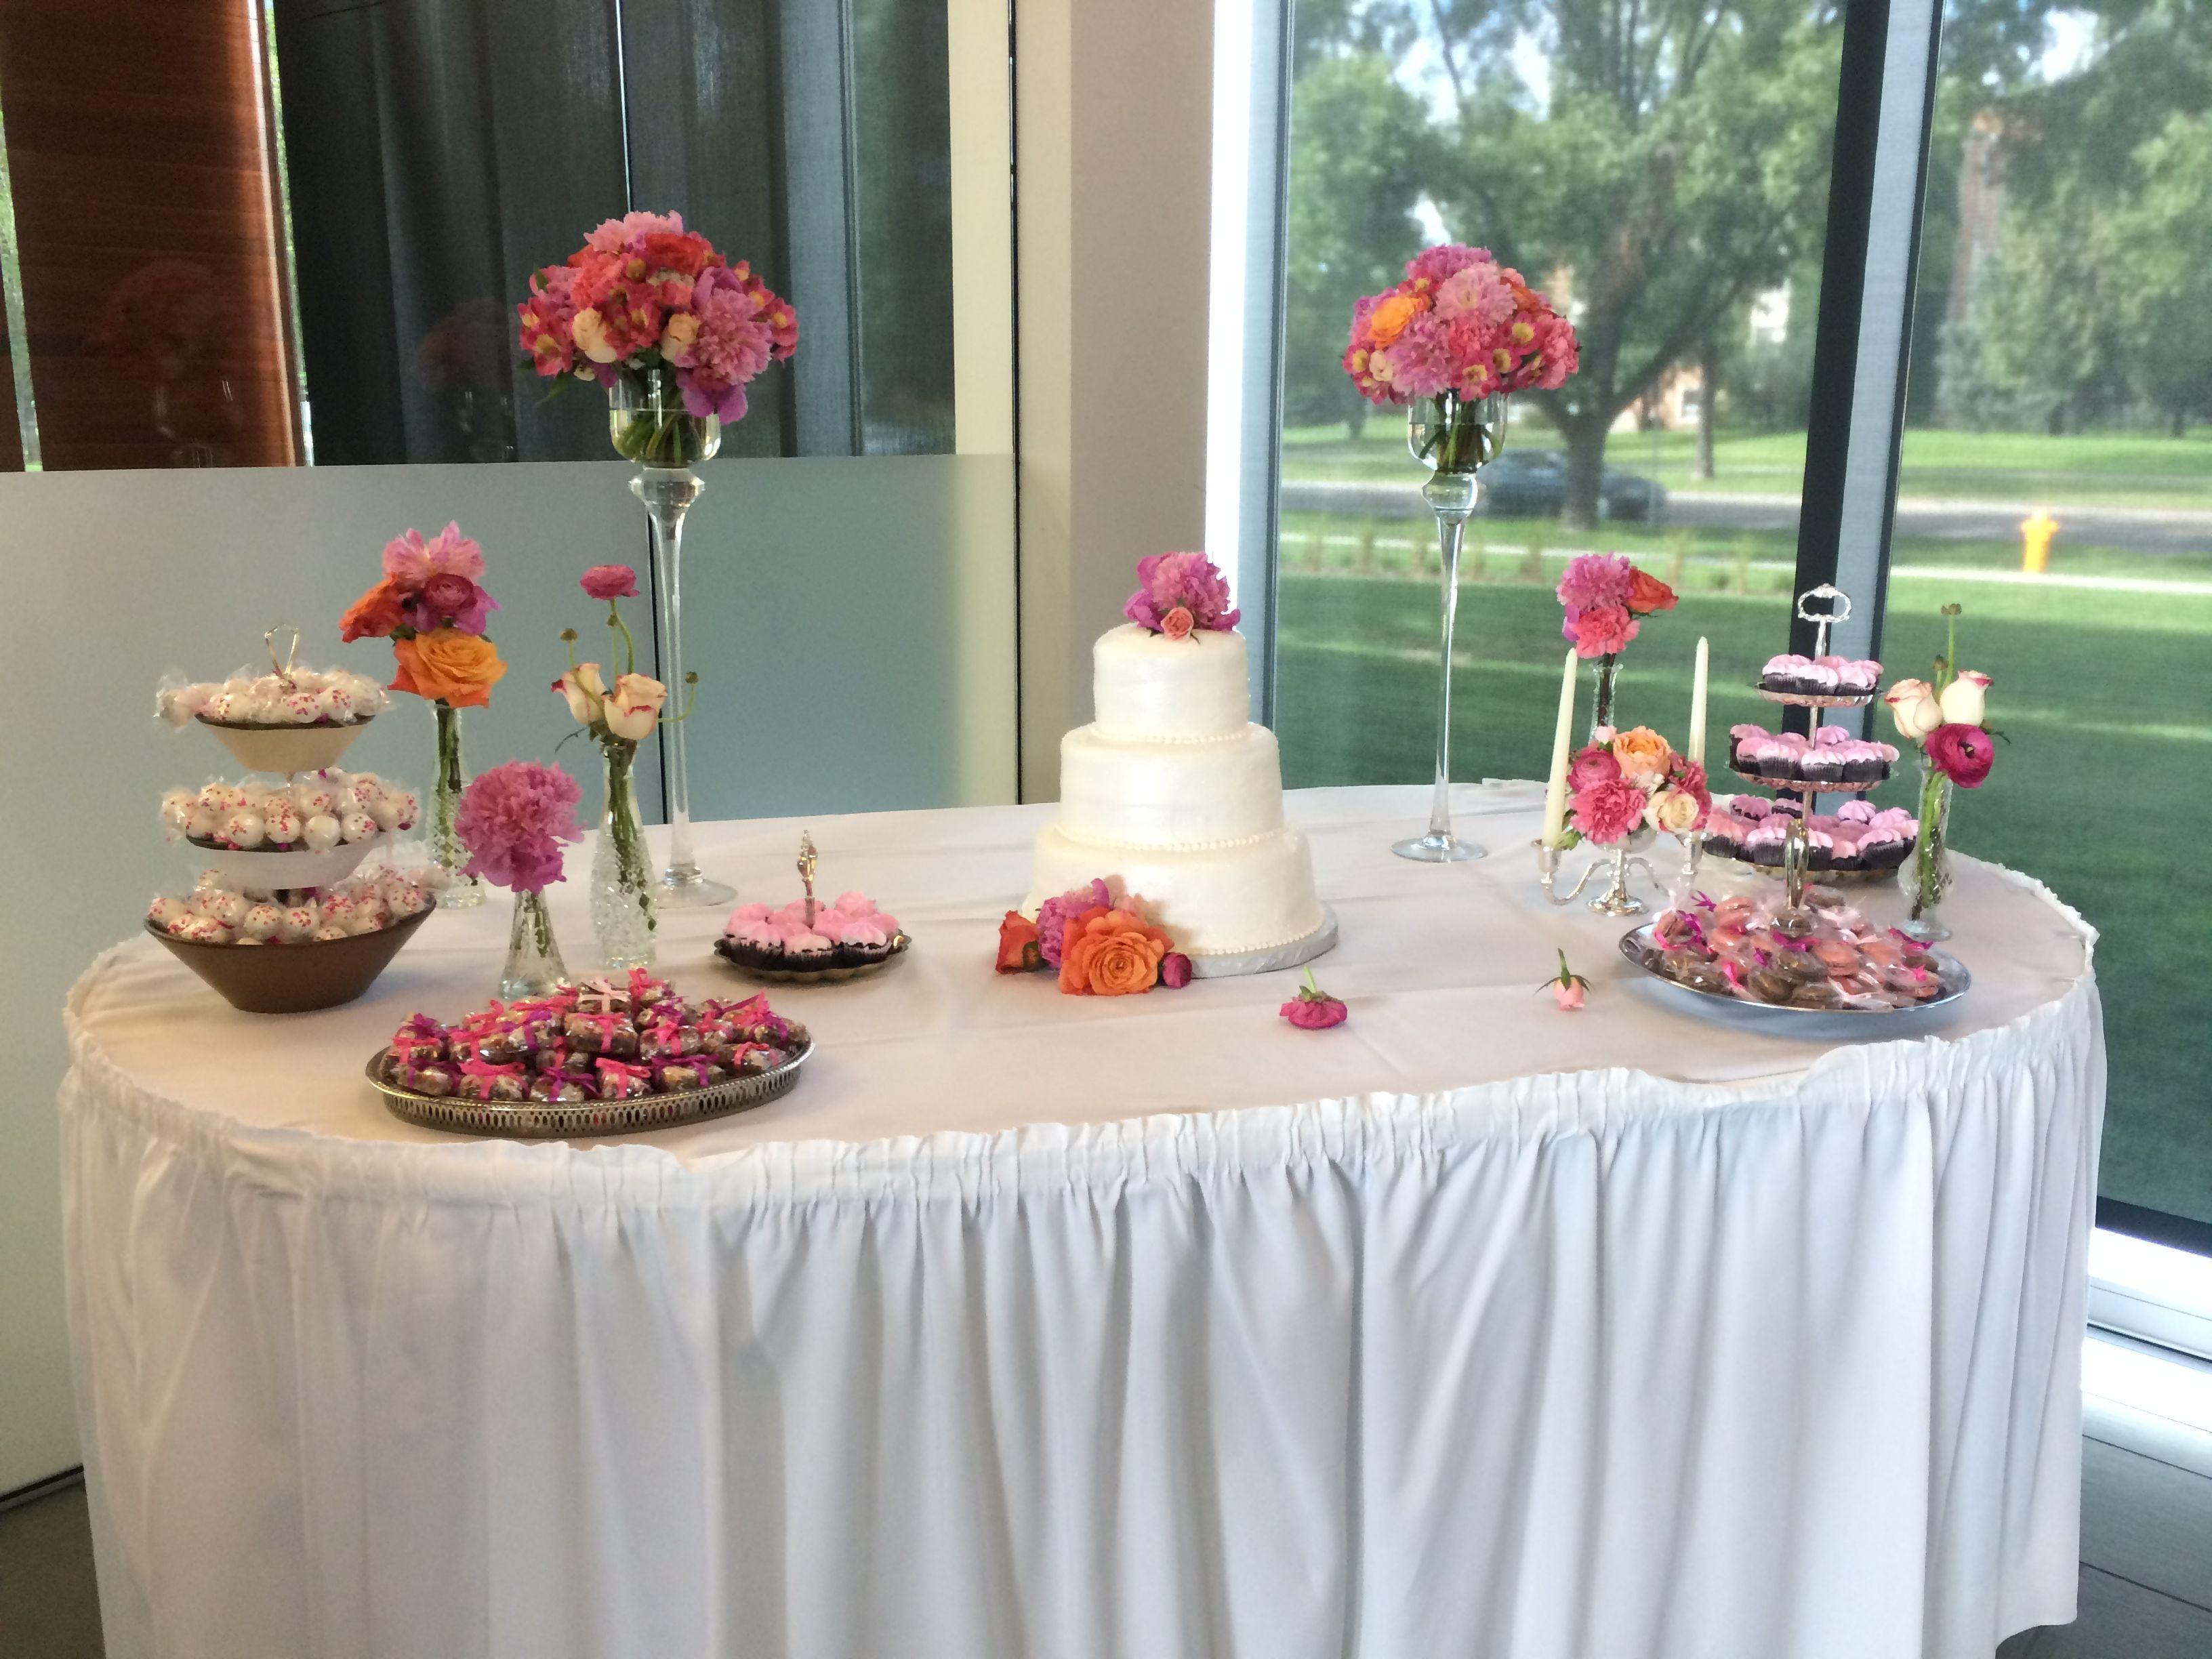 #GoreckiAlumniCenter #Cake #CakeTable #Wedding